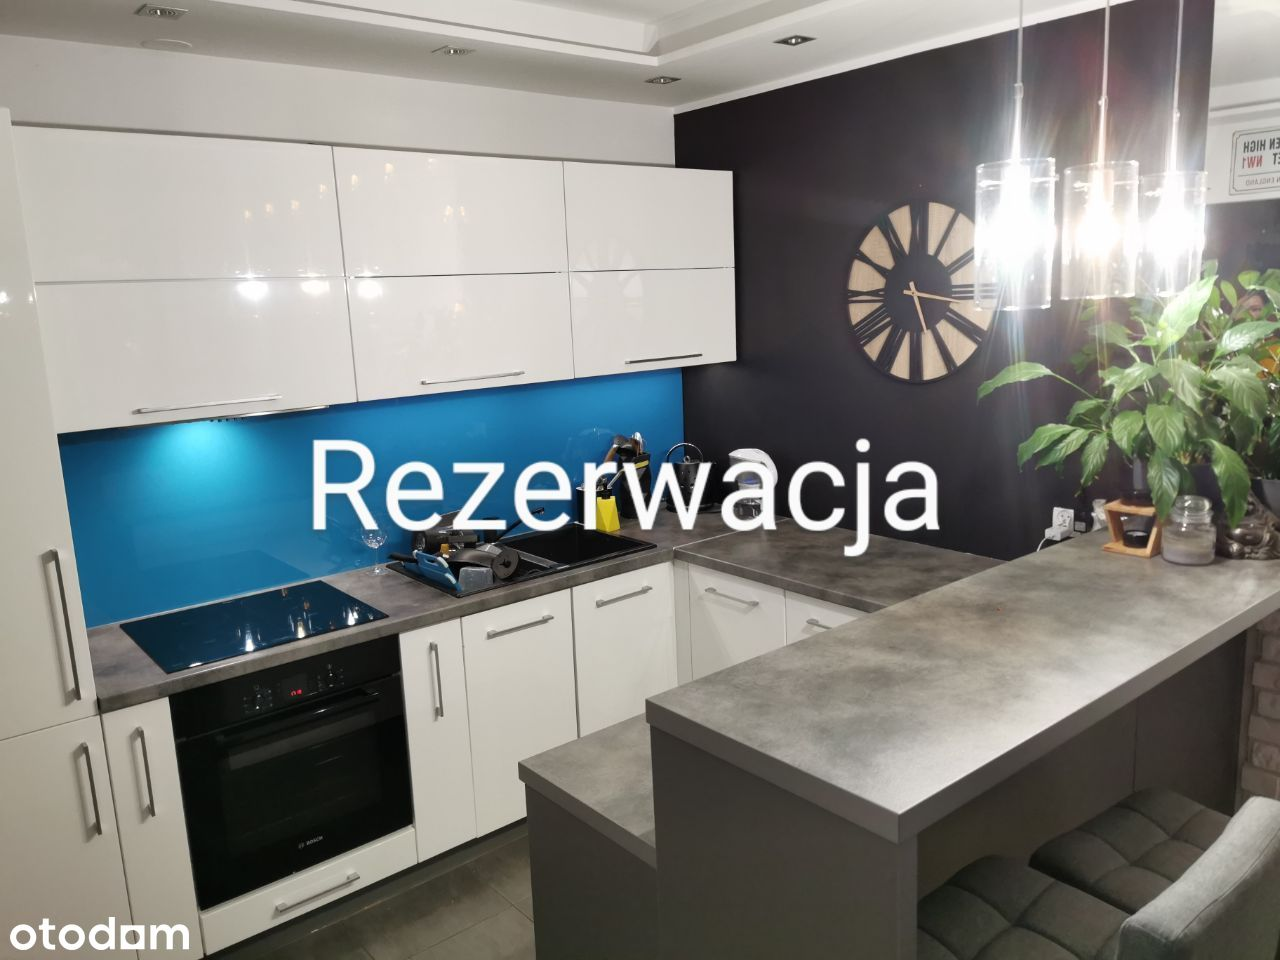 Mieszkanie, 45,55 m2, Glinki, Bydgoszcz, 2014